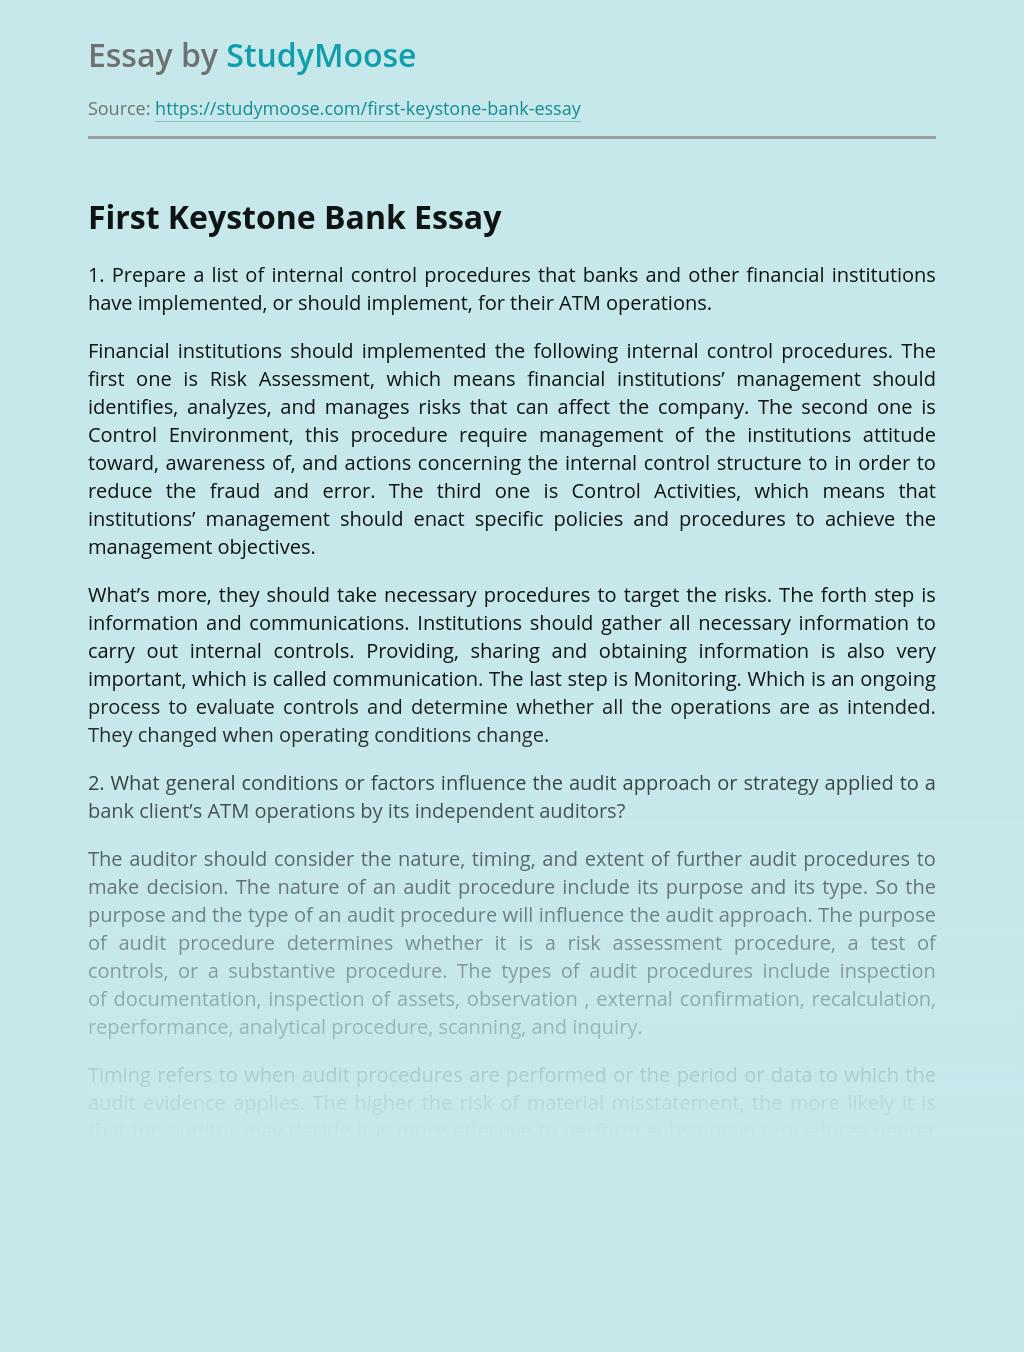 First Keystone Bank